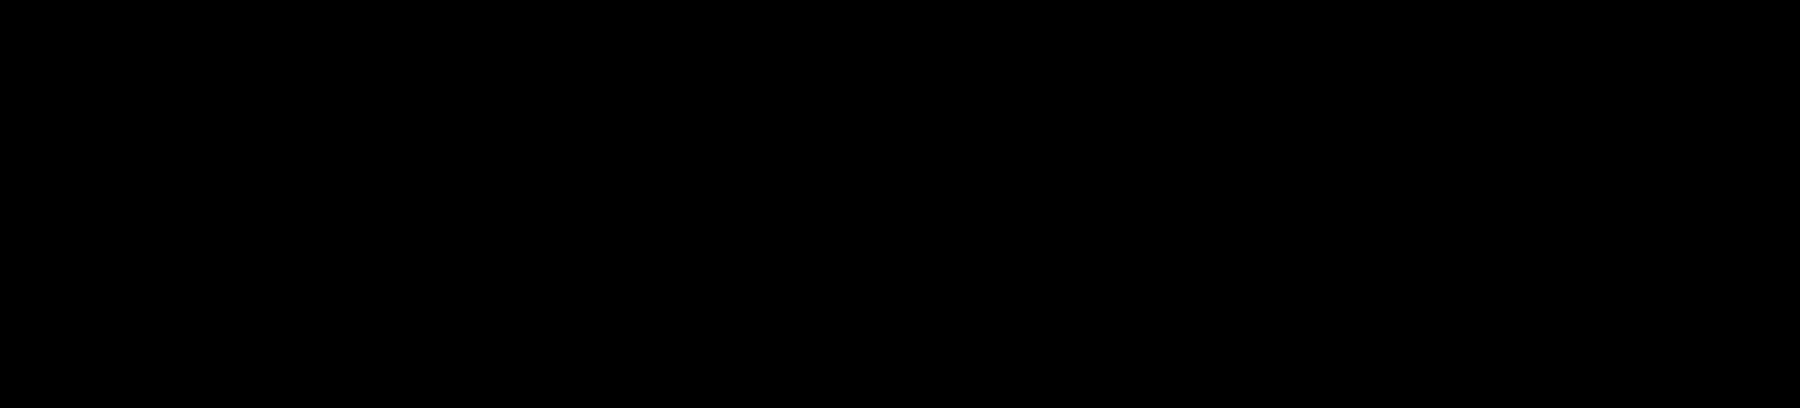 brn crtv